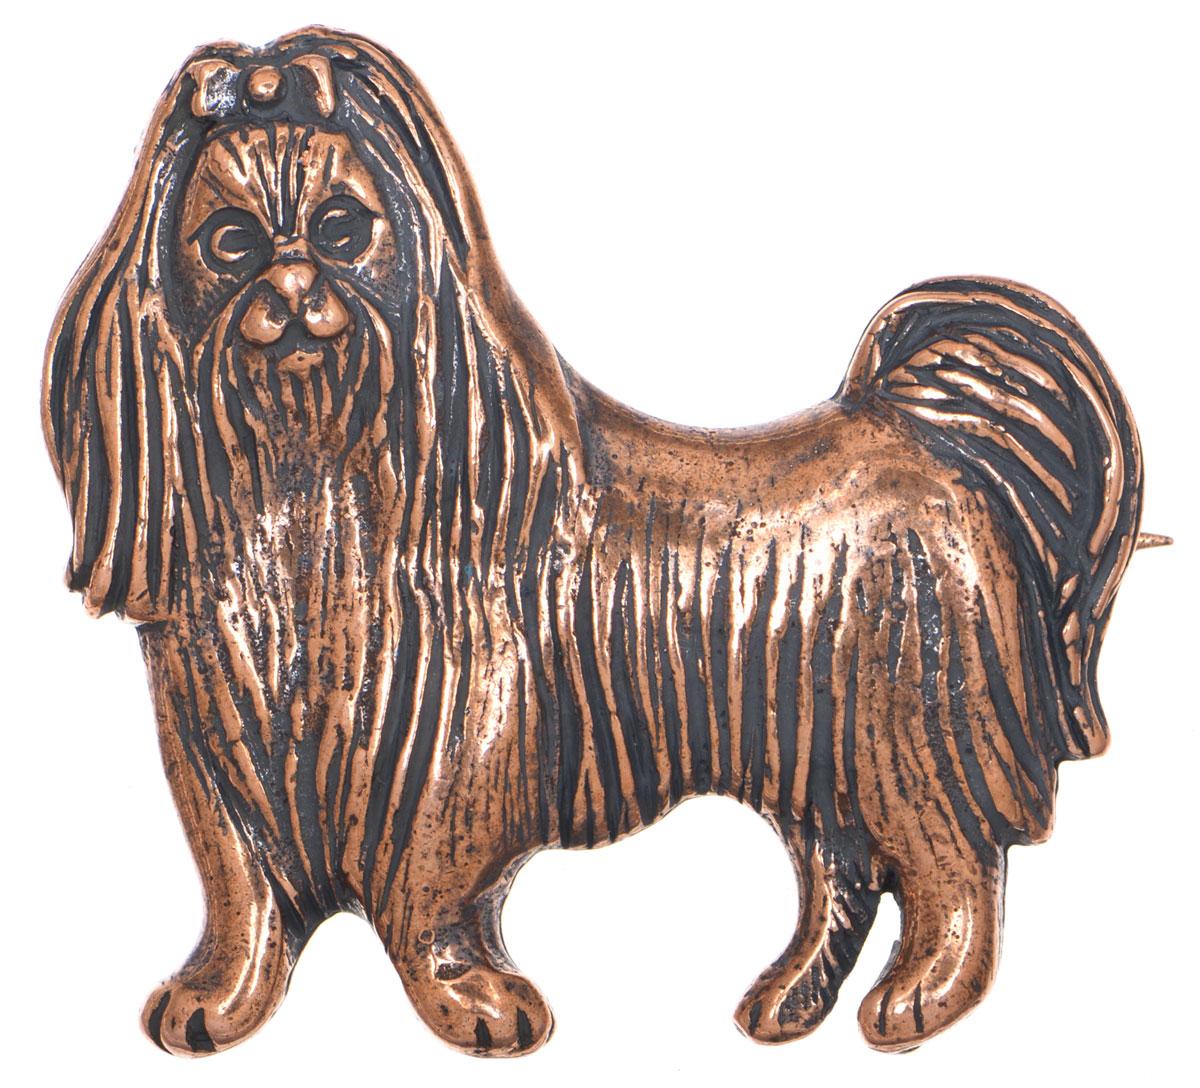 Брошь Jenavi Монтина, цвет: медный. f533u690f533u690Стильная брошь Jenavi Монтина выполнена в виде собаки из гипоаллергенного ювелирного сплава с медным покрытием. Изделие застегивается на классическую английскую булавку. Брошь Jenavi Монтина поможет дополнить любой образ и привнести в него завершающий яркий штрих.